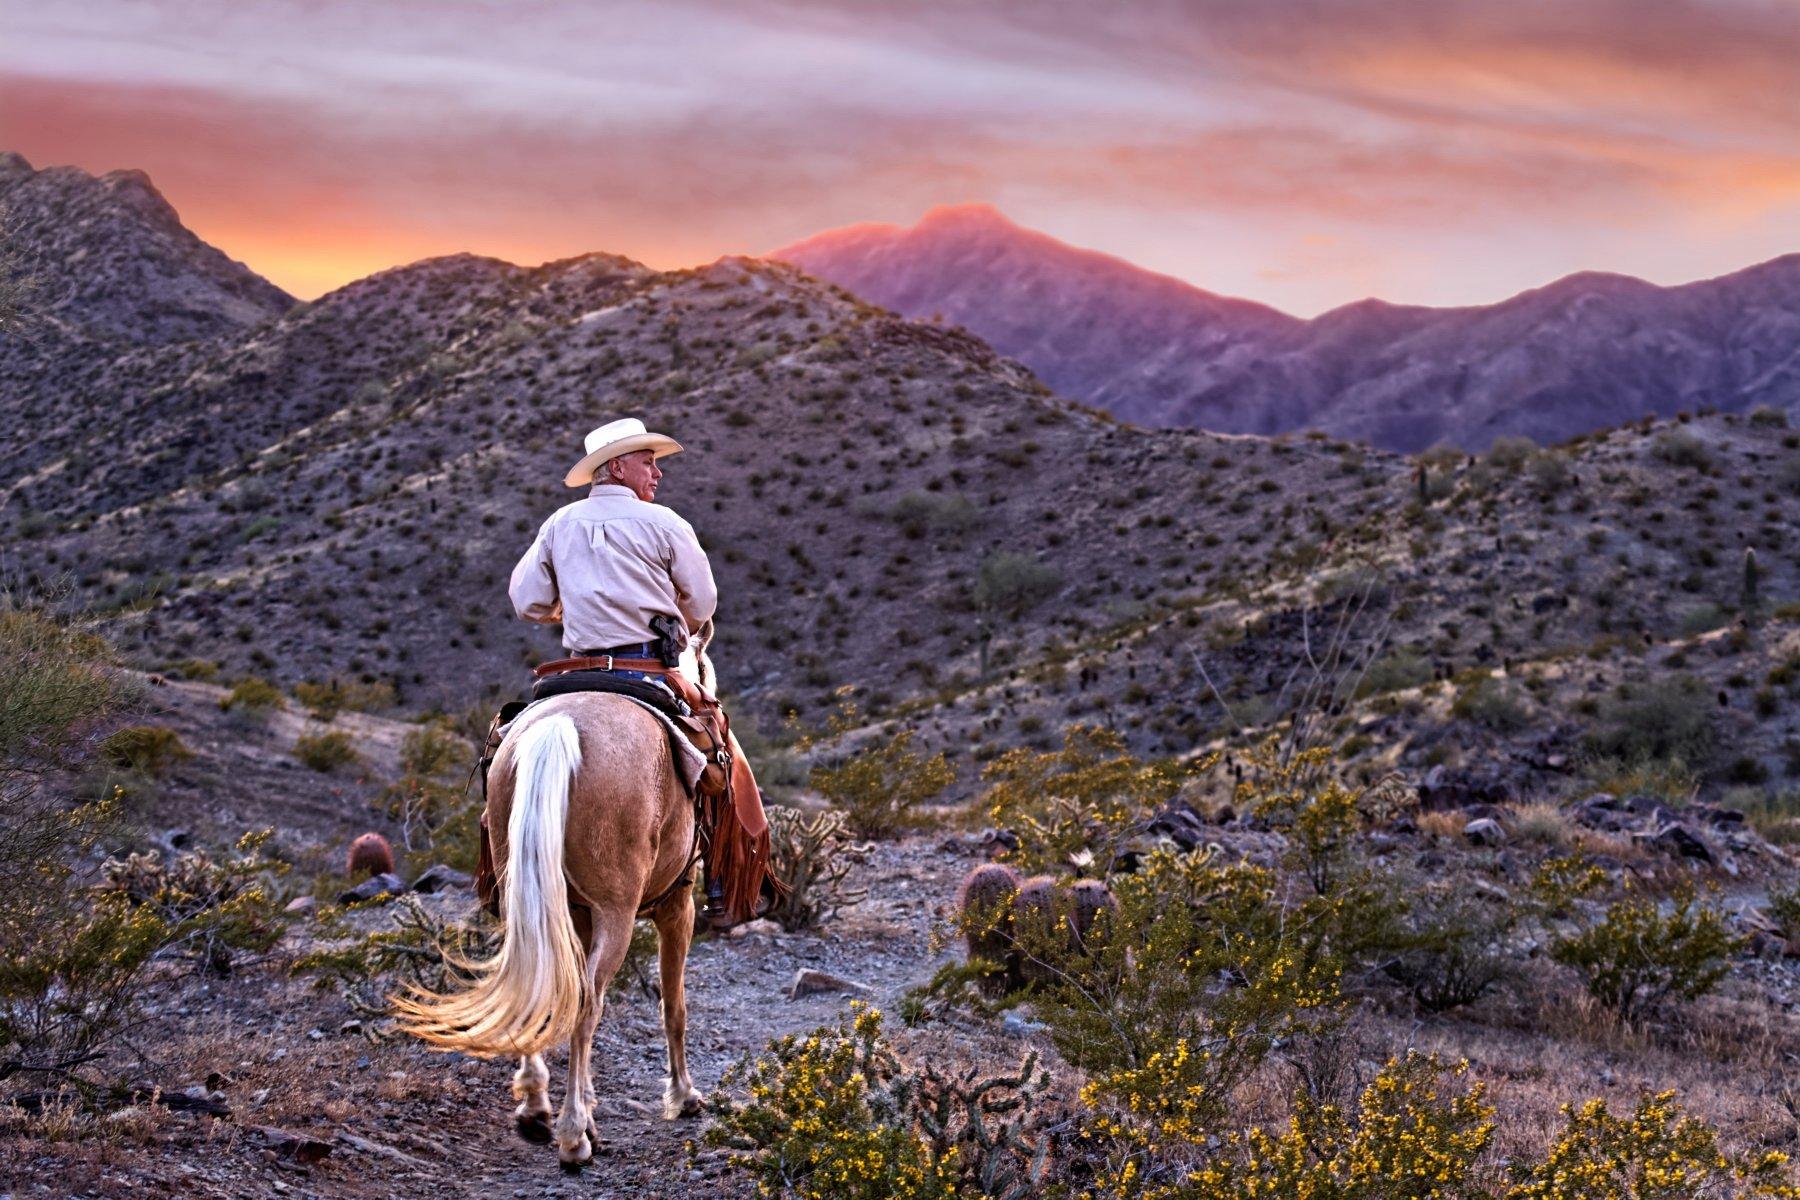 Phoenix, Arizona - Sunset Rider